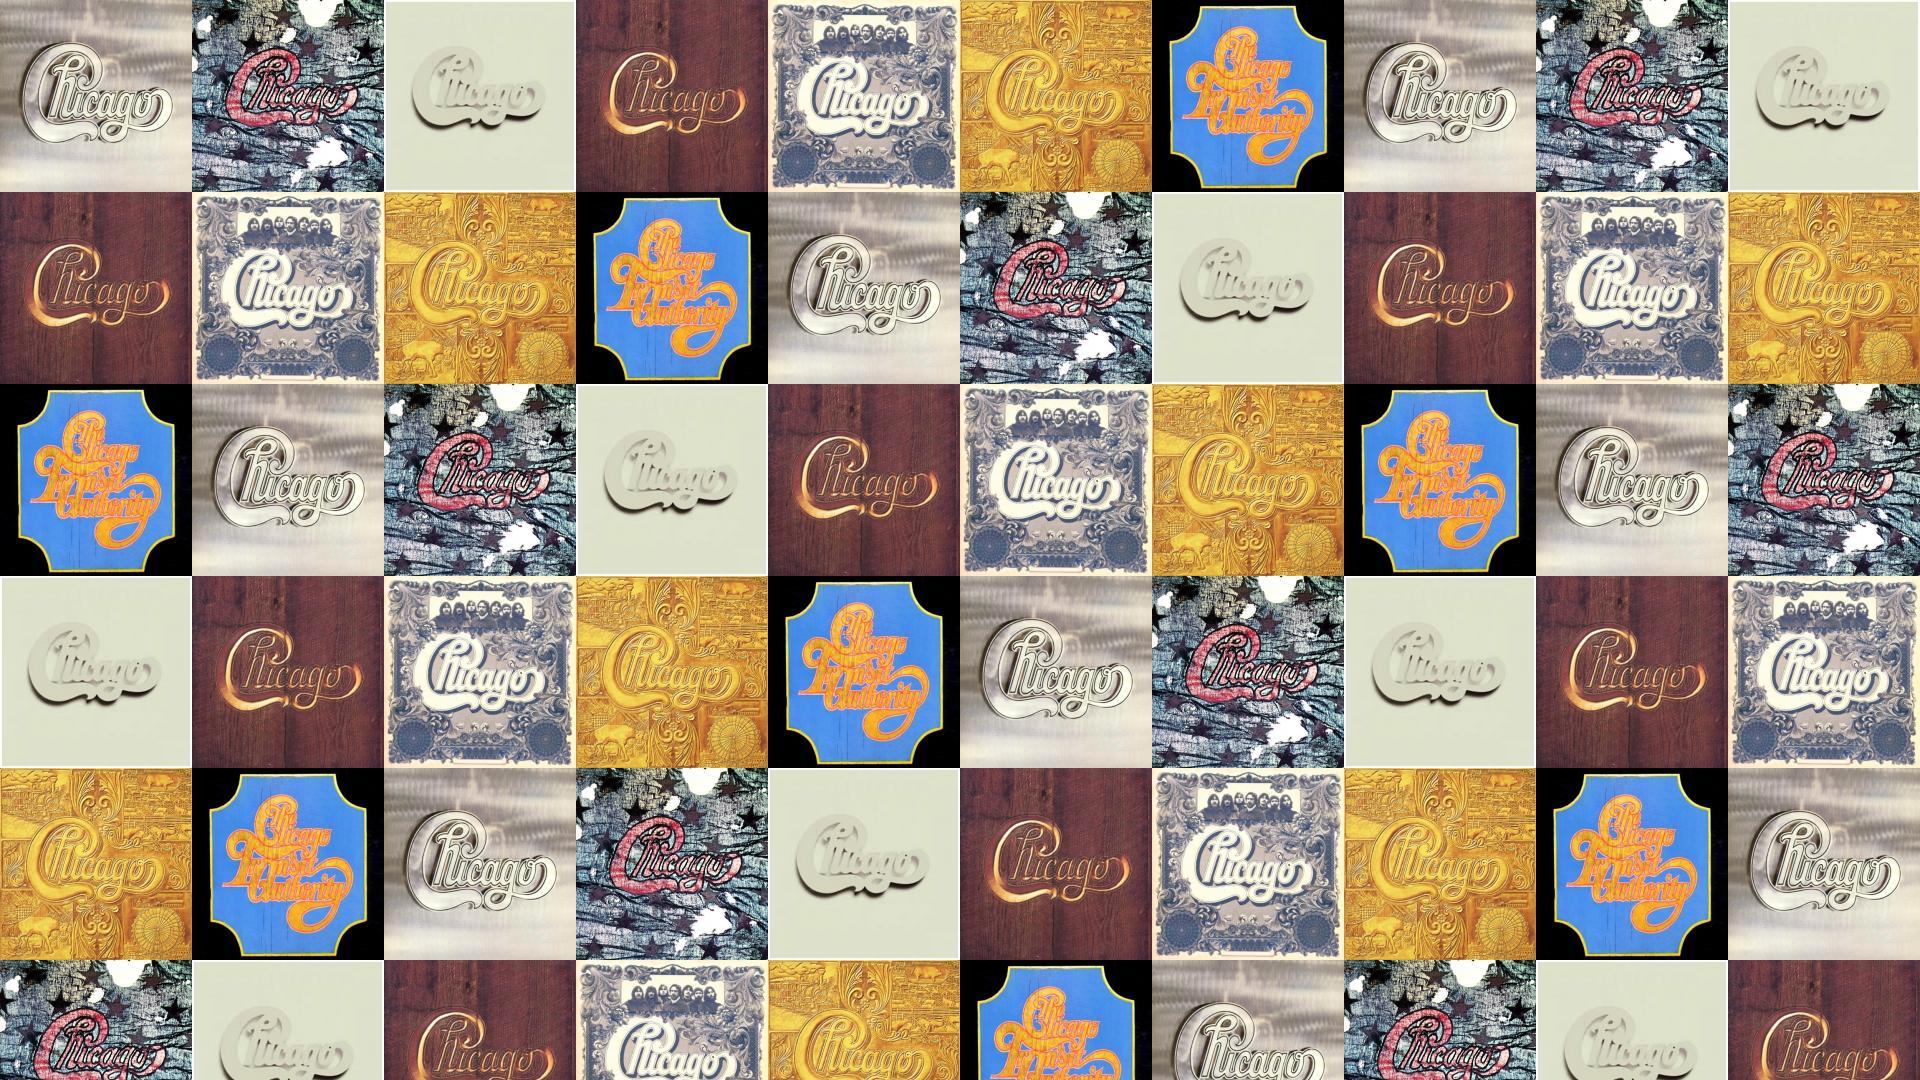 Chicago Ii Iii Live Wallpaper Tiled Desktop